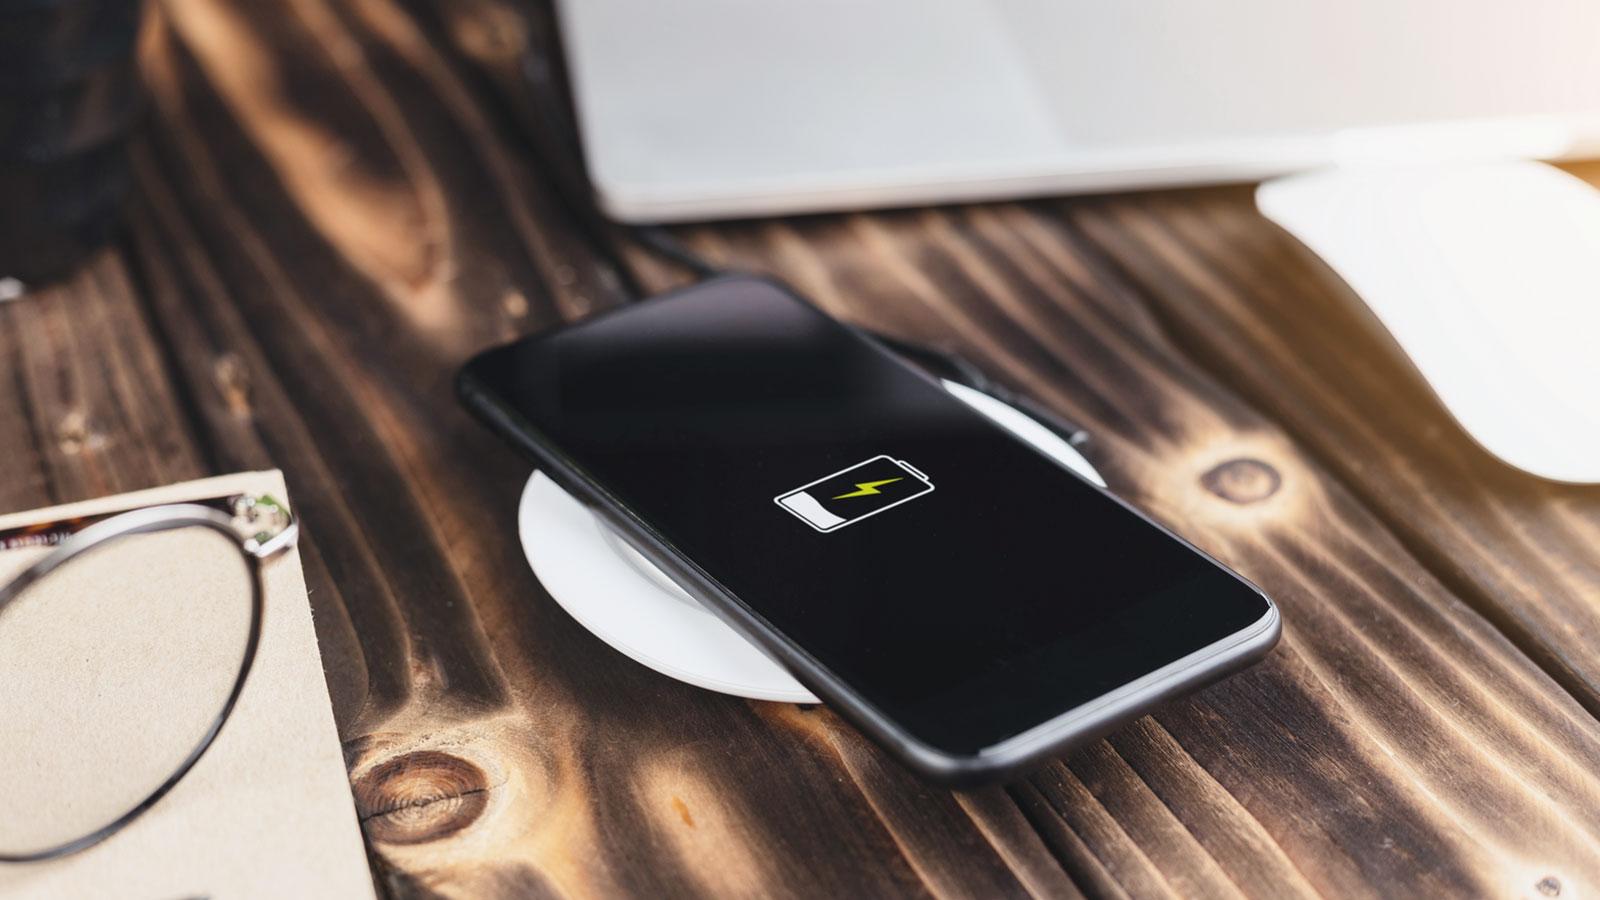 苹果新发布的MagSafe外接电池可让iPhone实现反向无线充电